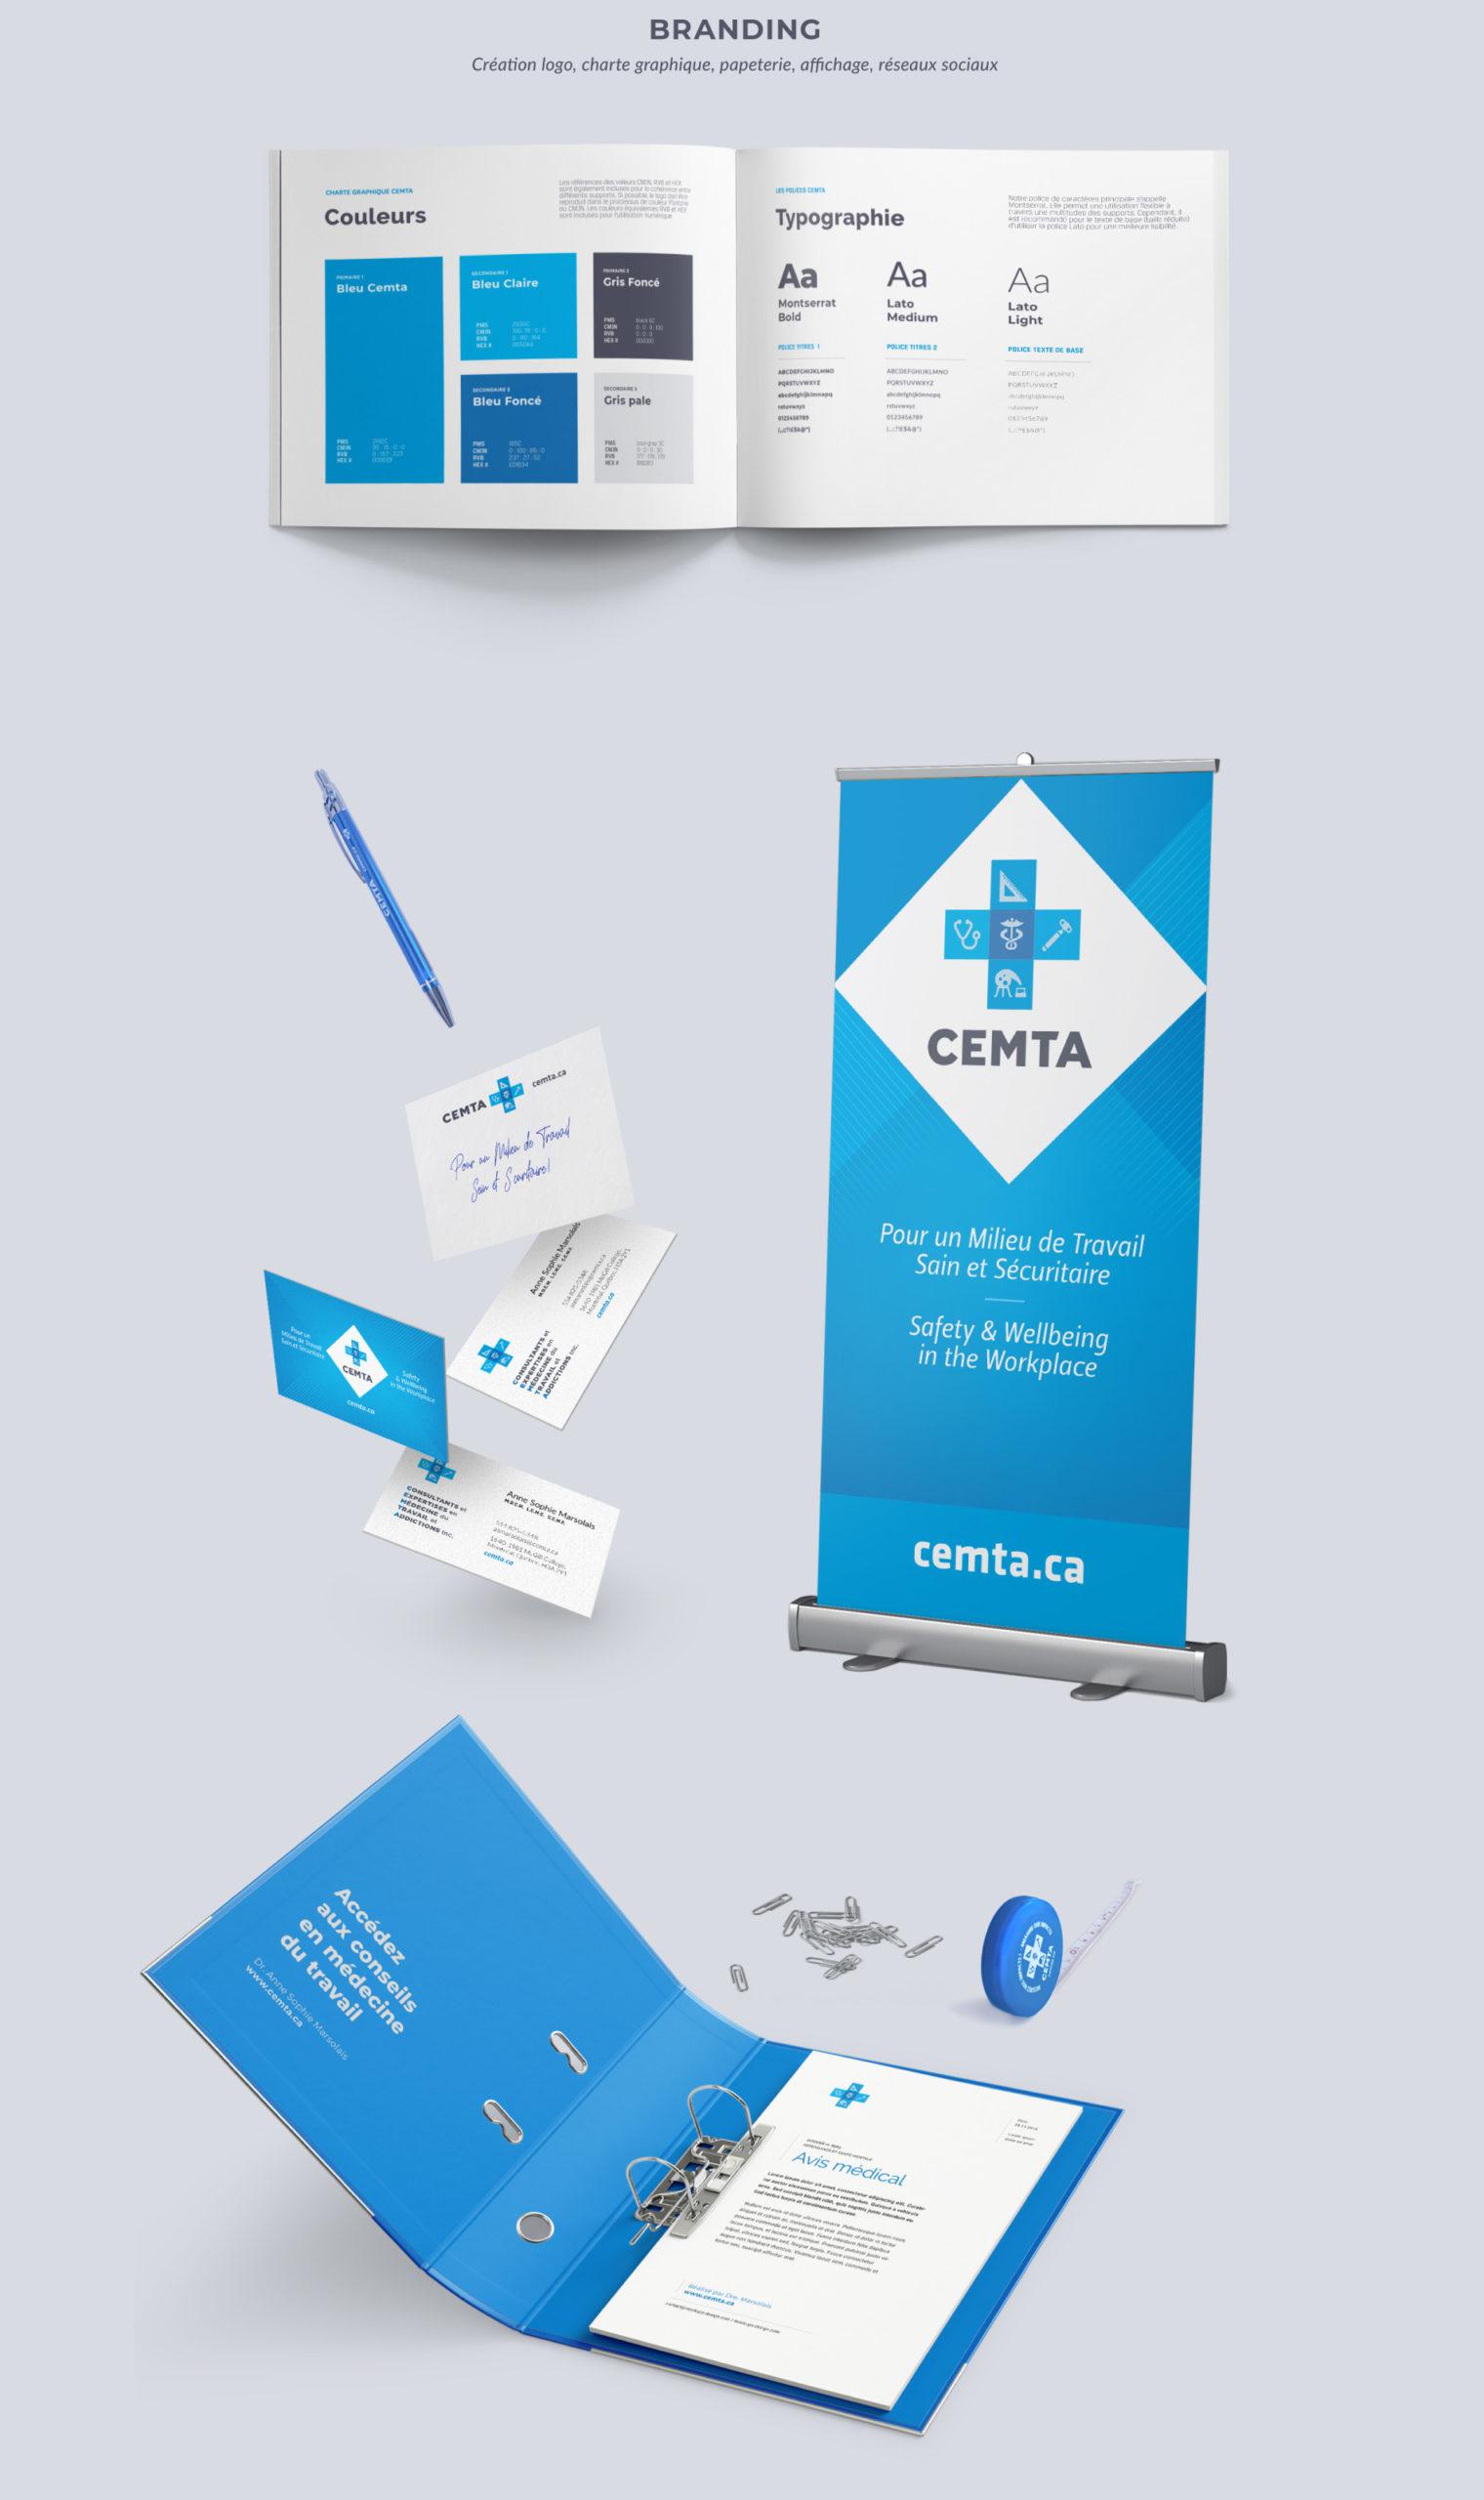 Identité visuelle CEMTA – consultants en médecine du travail : logo, papeterie, charte graphique, bannière.